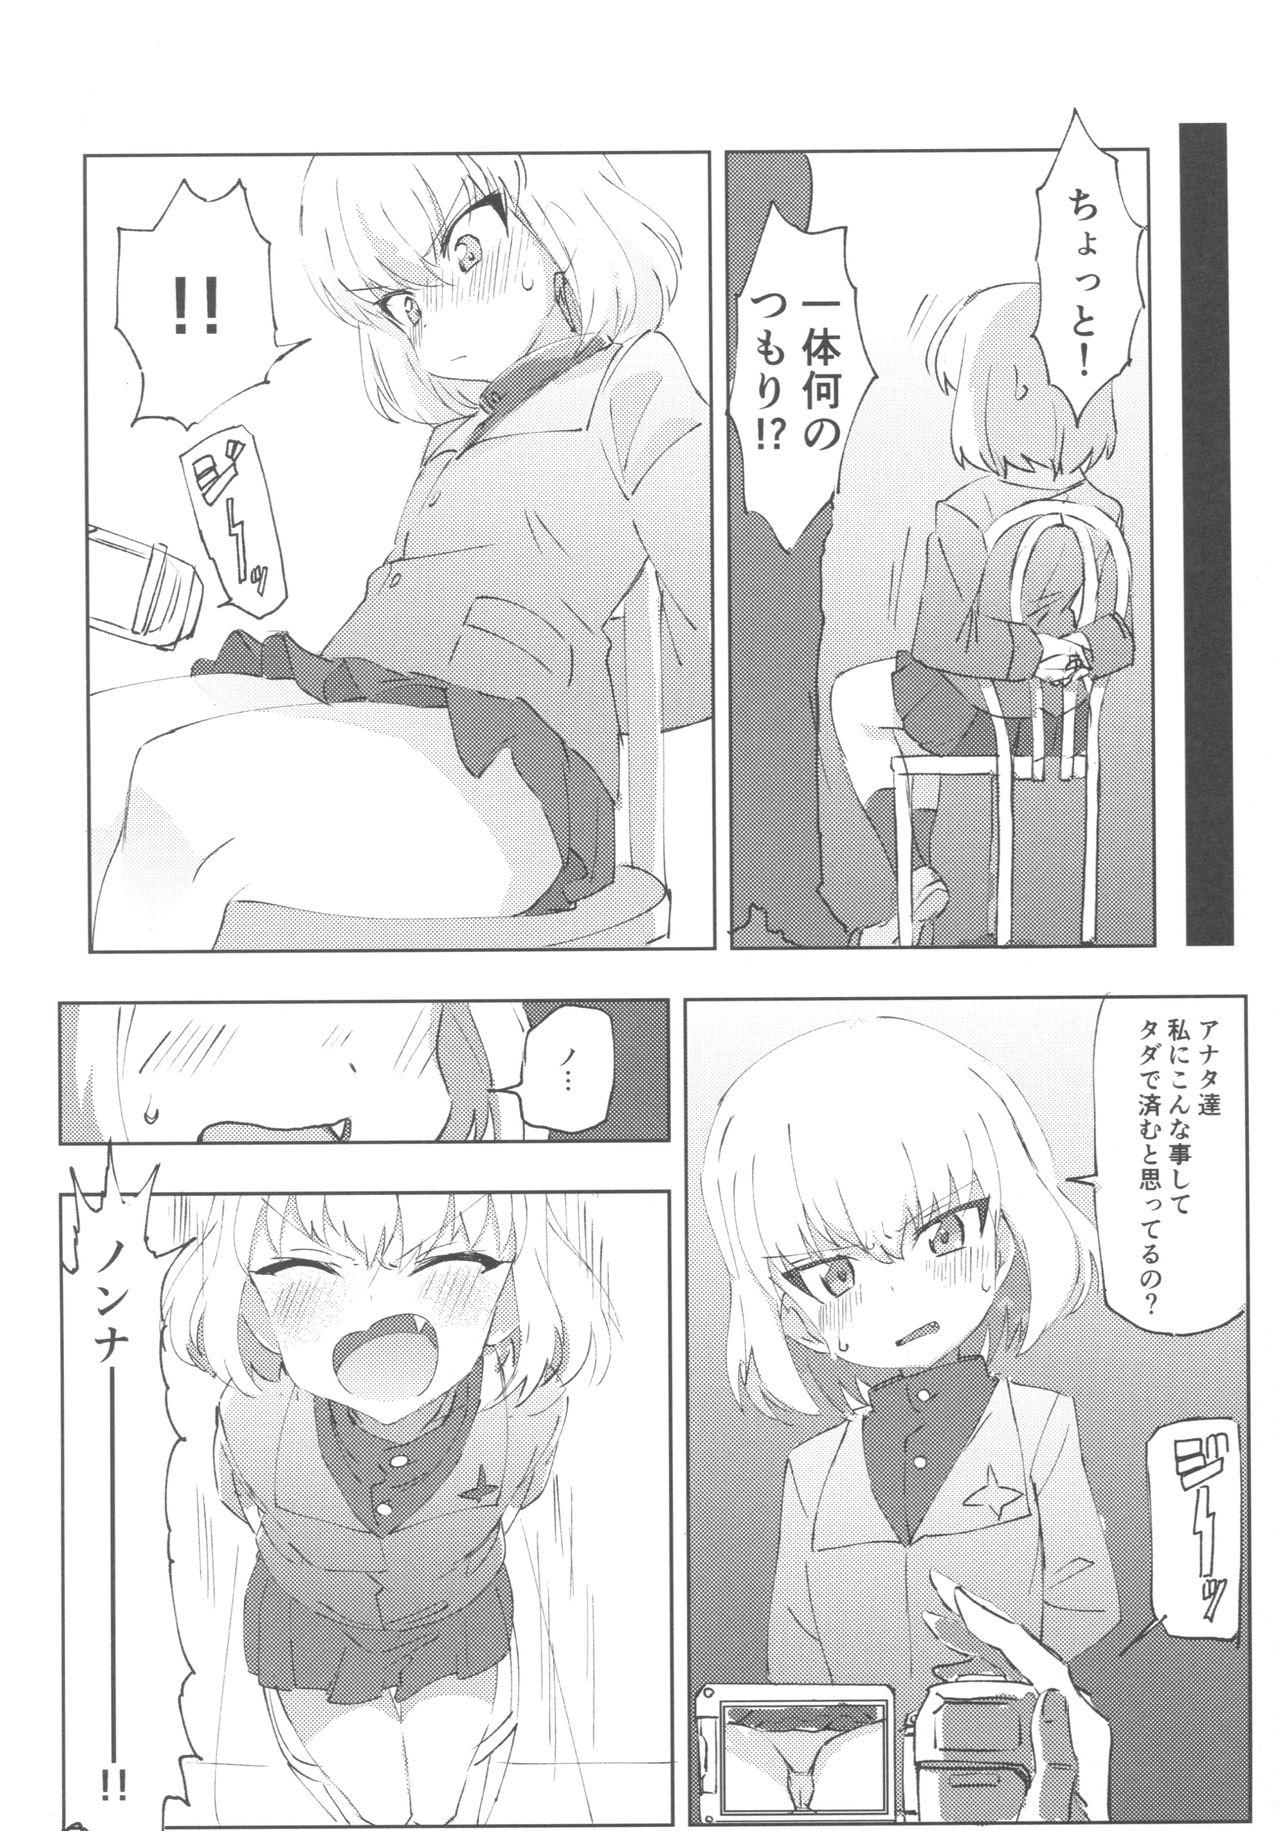 GirlPan Chara ni Ecchi na Onegai o Shitemiru Hon 18